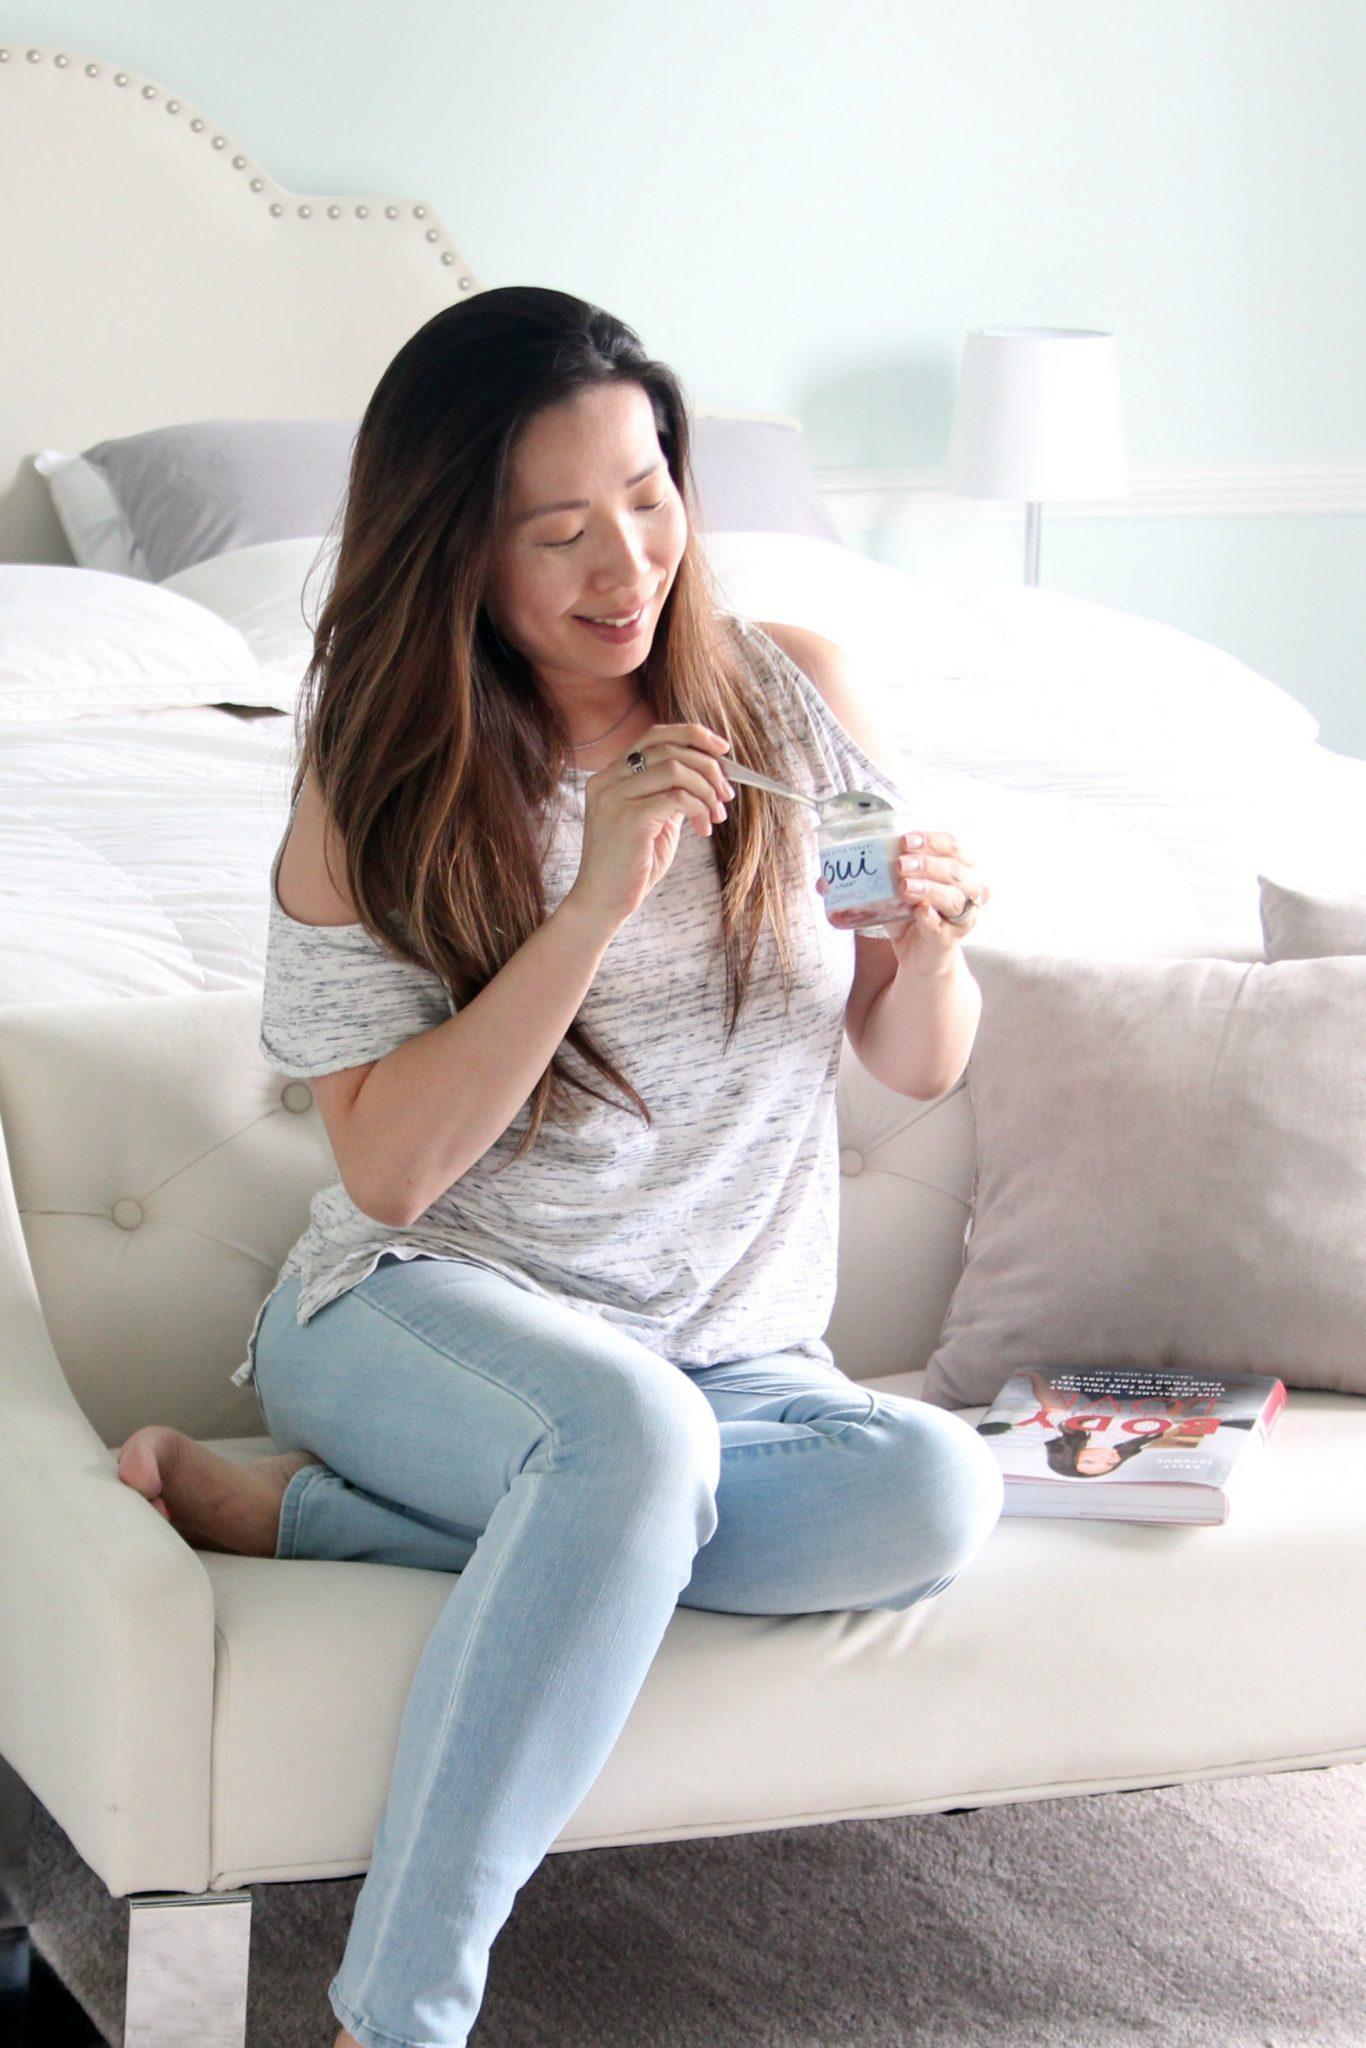 jeeyoung eating oui